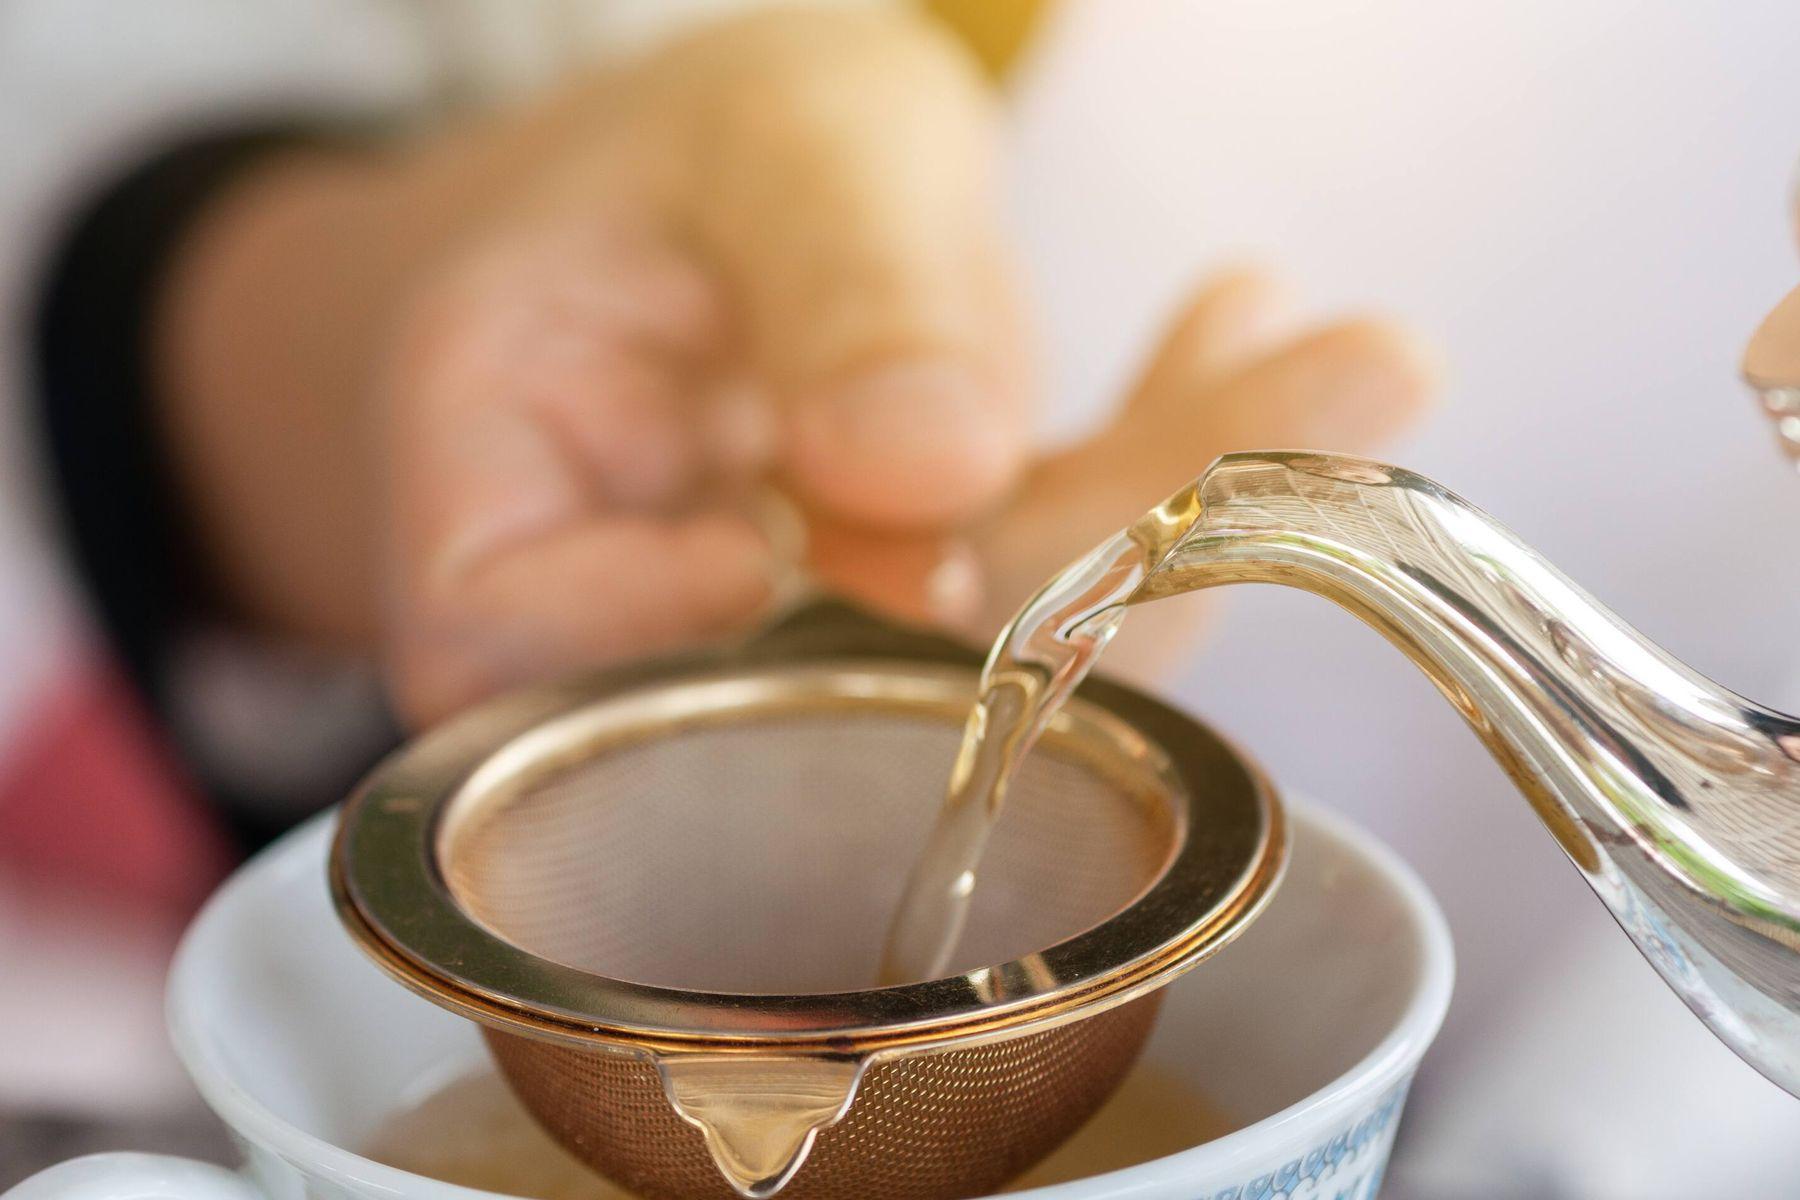 अपनी चाय की छन्नी से दाग़ को कैसे हटाएं | क्लीएनीपीडिया